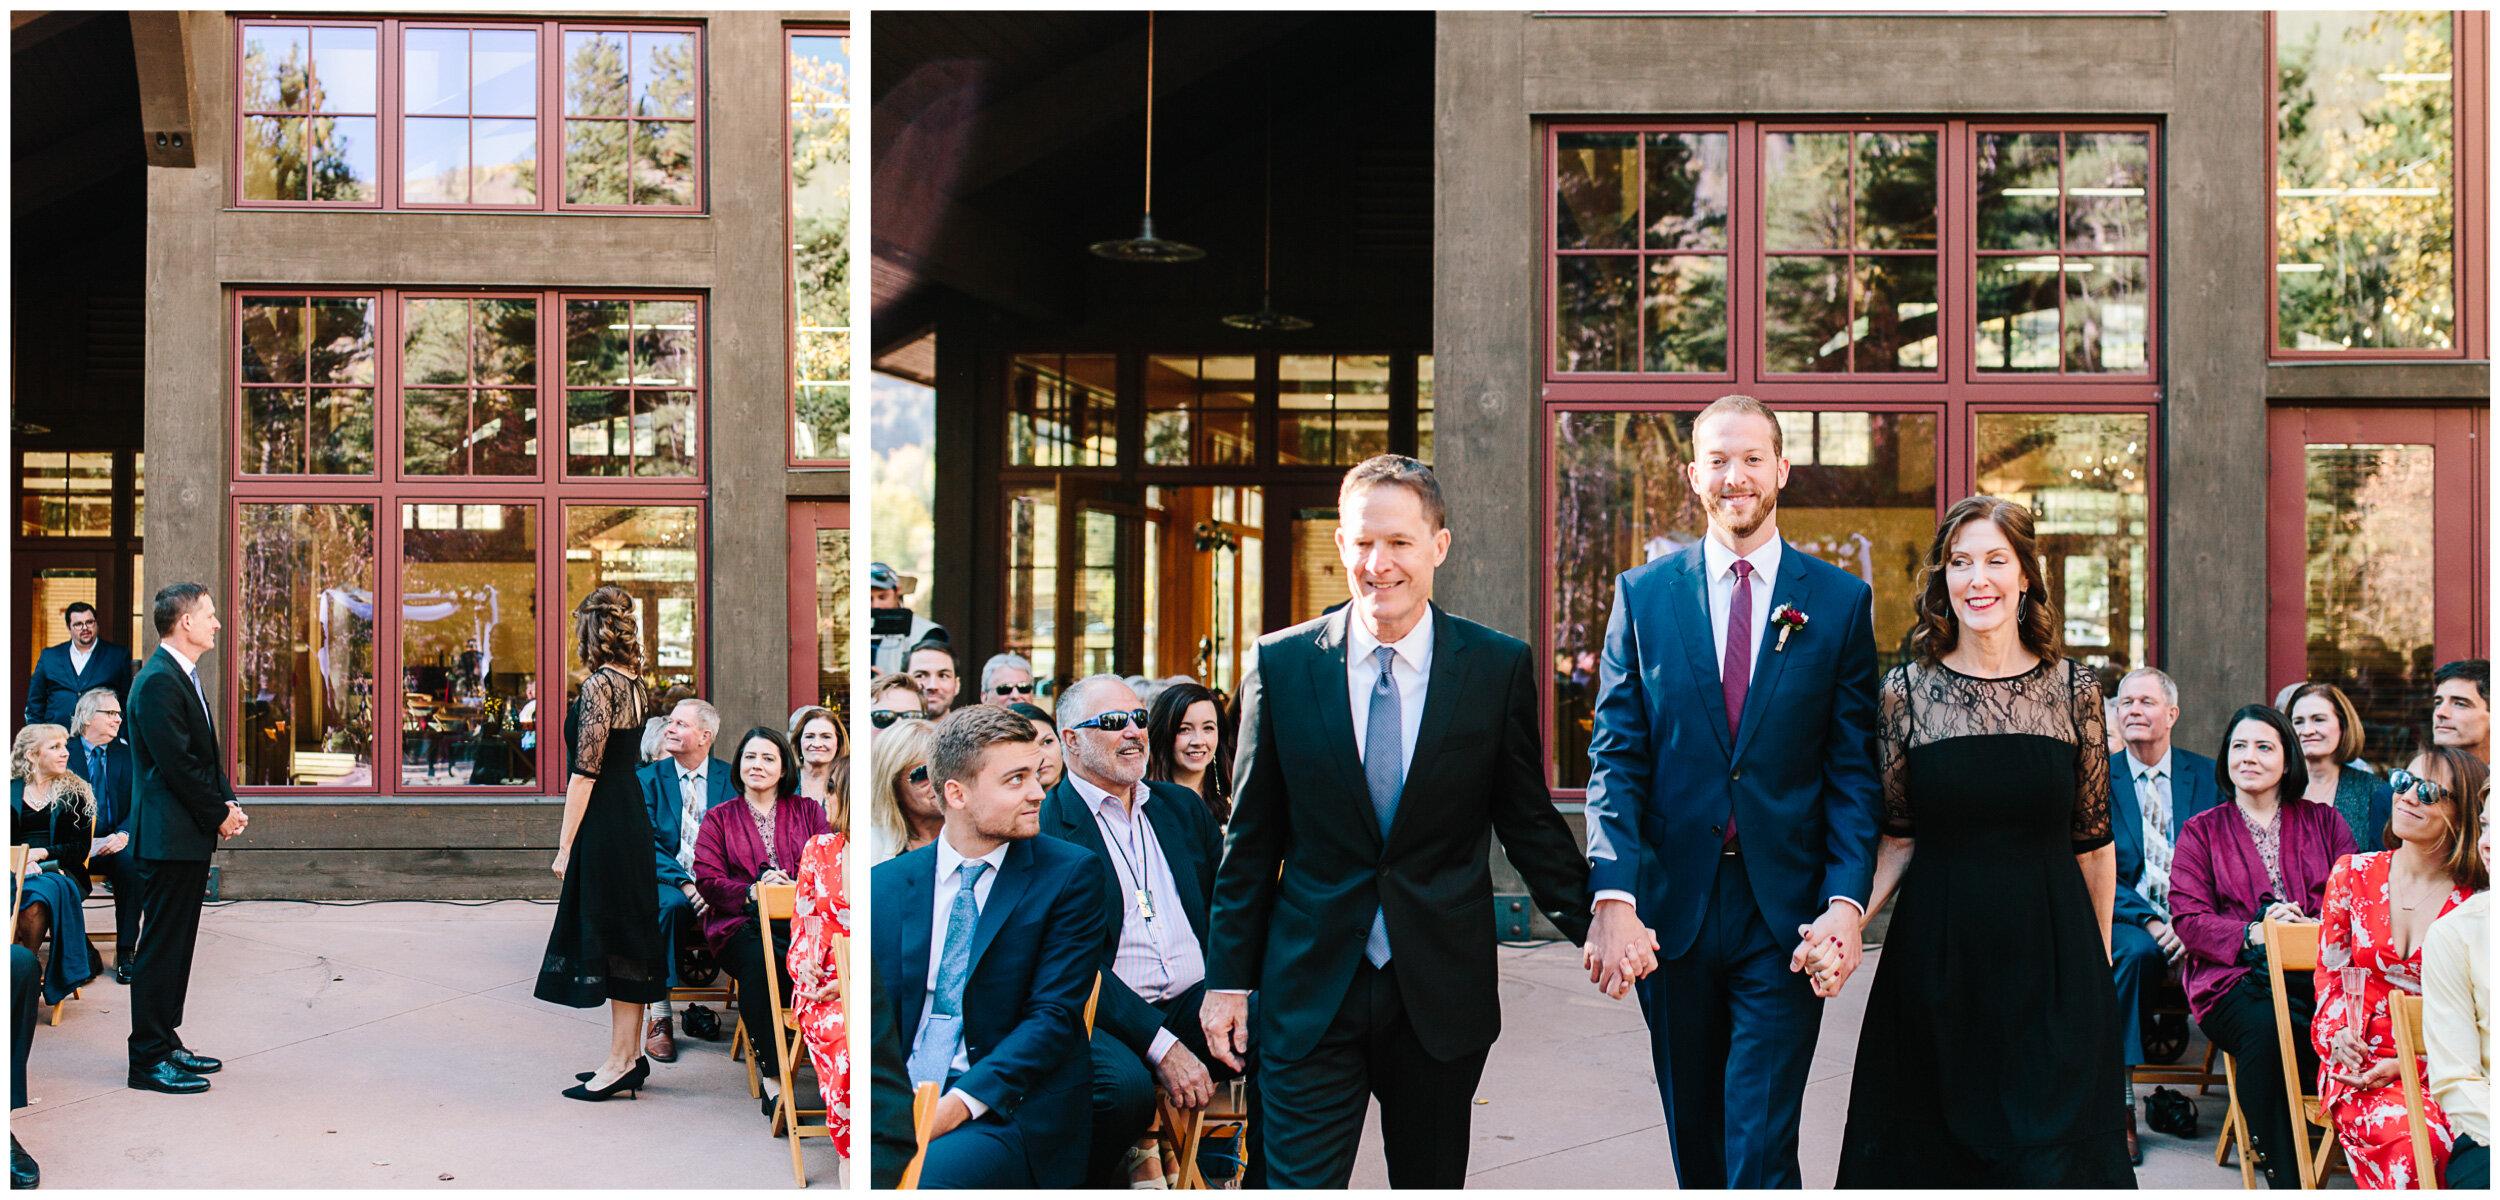 vail_wedding_68.jpg